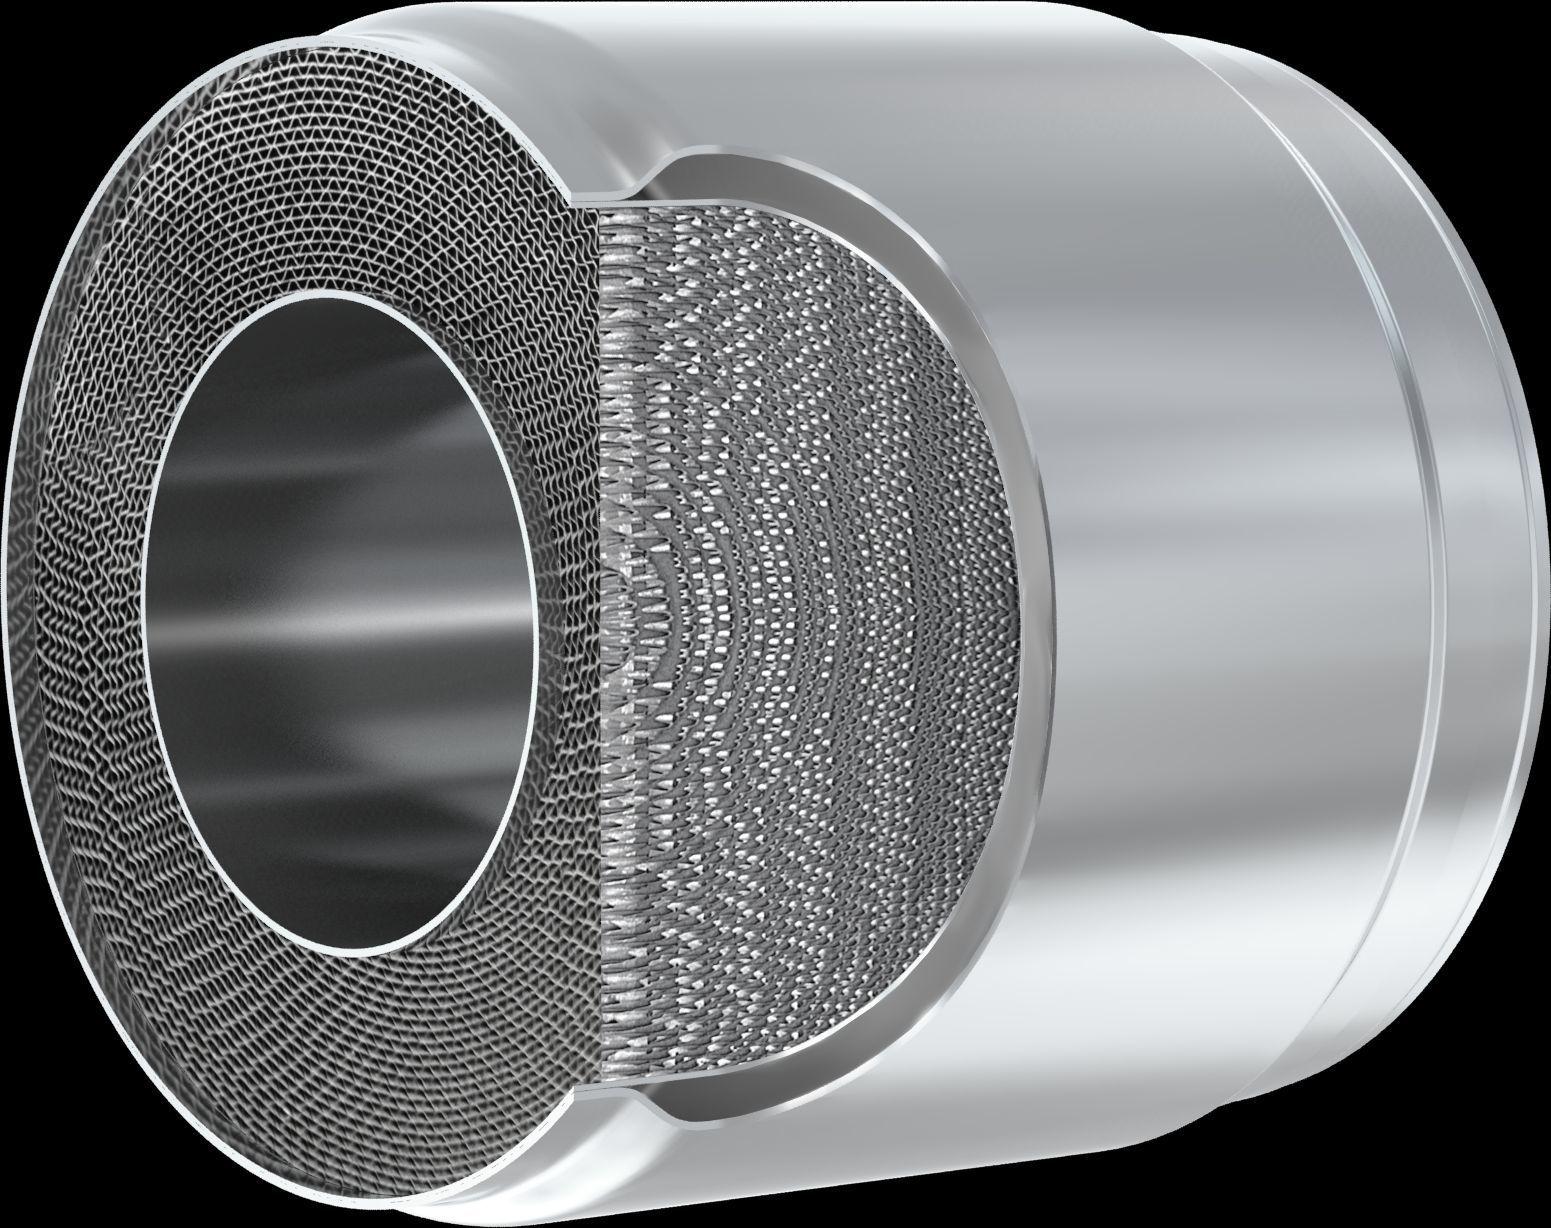 mid Groß-Gerau - Ringkatalysator: Mit einfacher Lösung geht Continental den Stickoxiden an den Kragen.